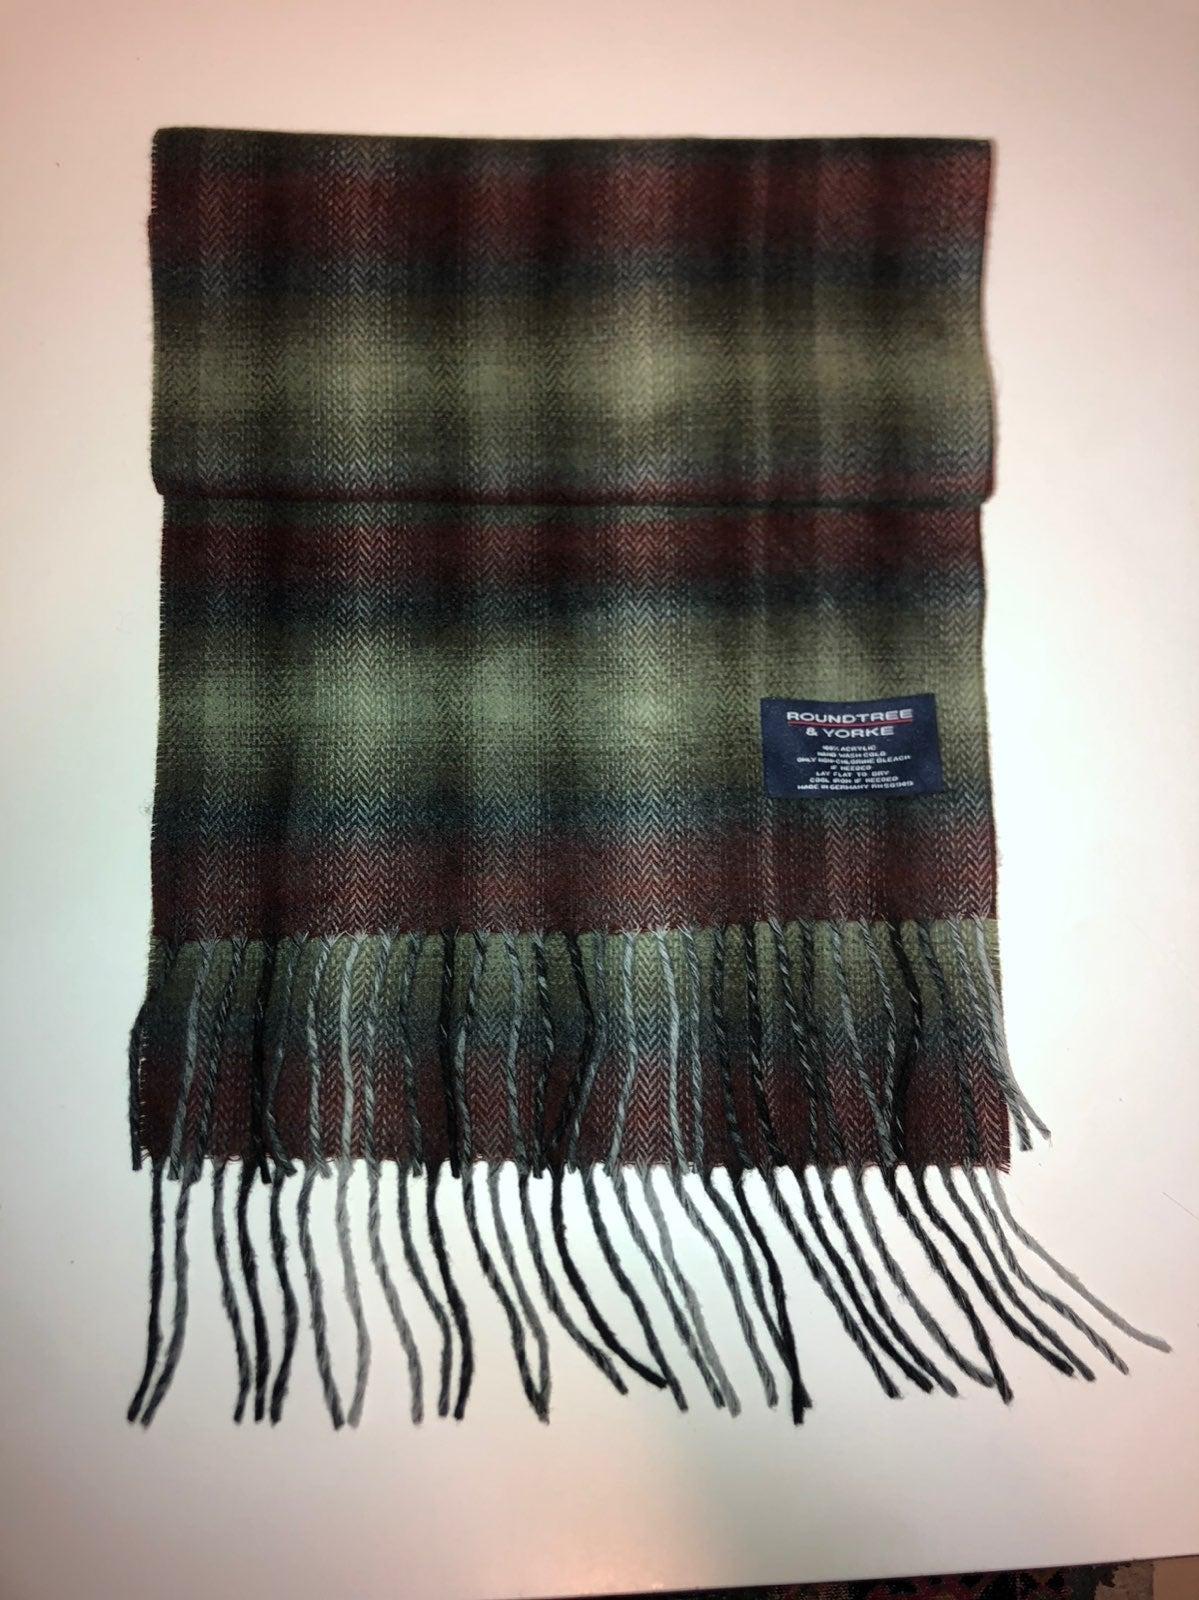 Roundtree & yorke scarf